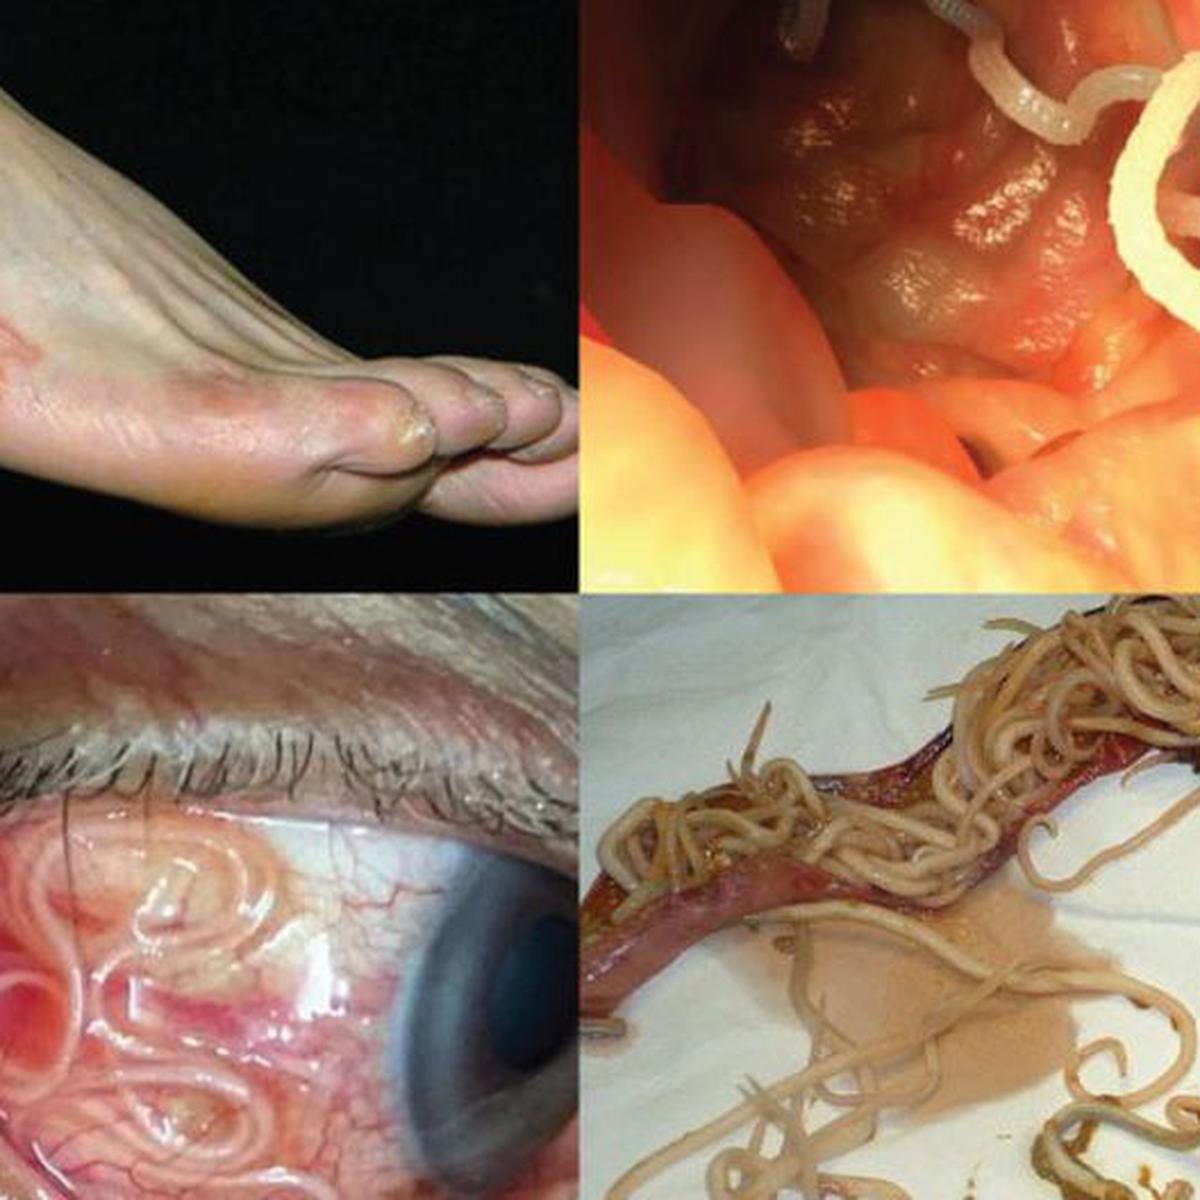 Cuidado Estos Son 10 Aterradores Parásitos Que Pueden Invadir Tu Cuerpo Fotos Ciencia Peru21